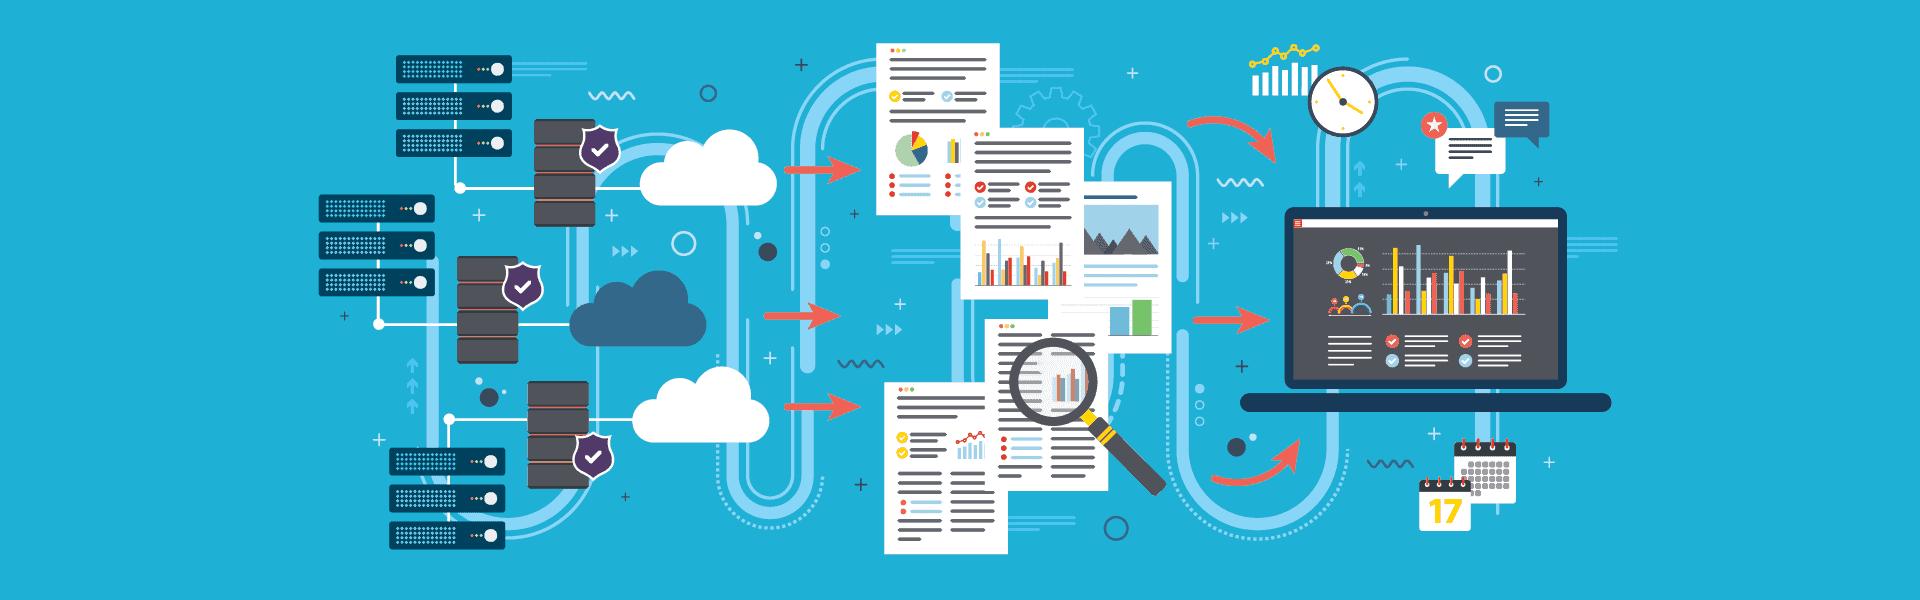 Ihr Weg zur automatischen Datenbeauskunftung